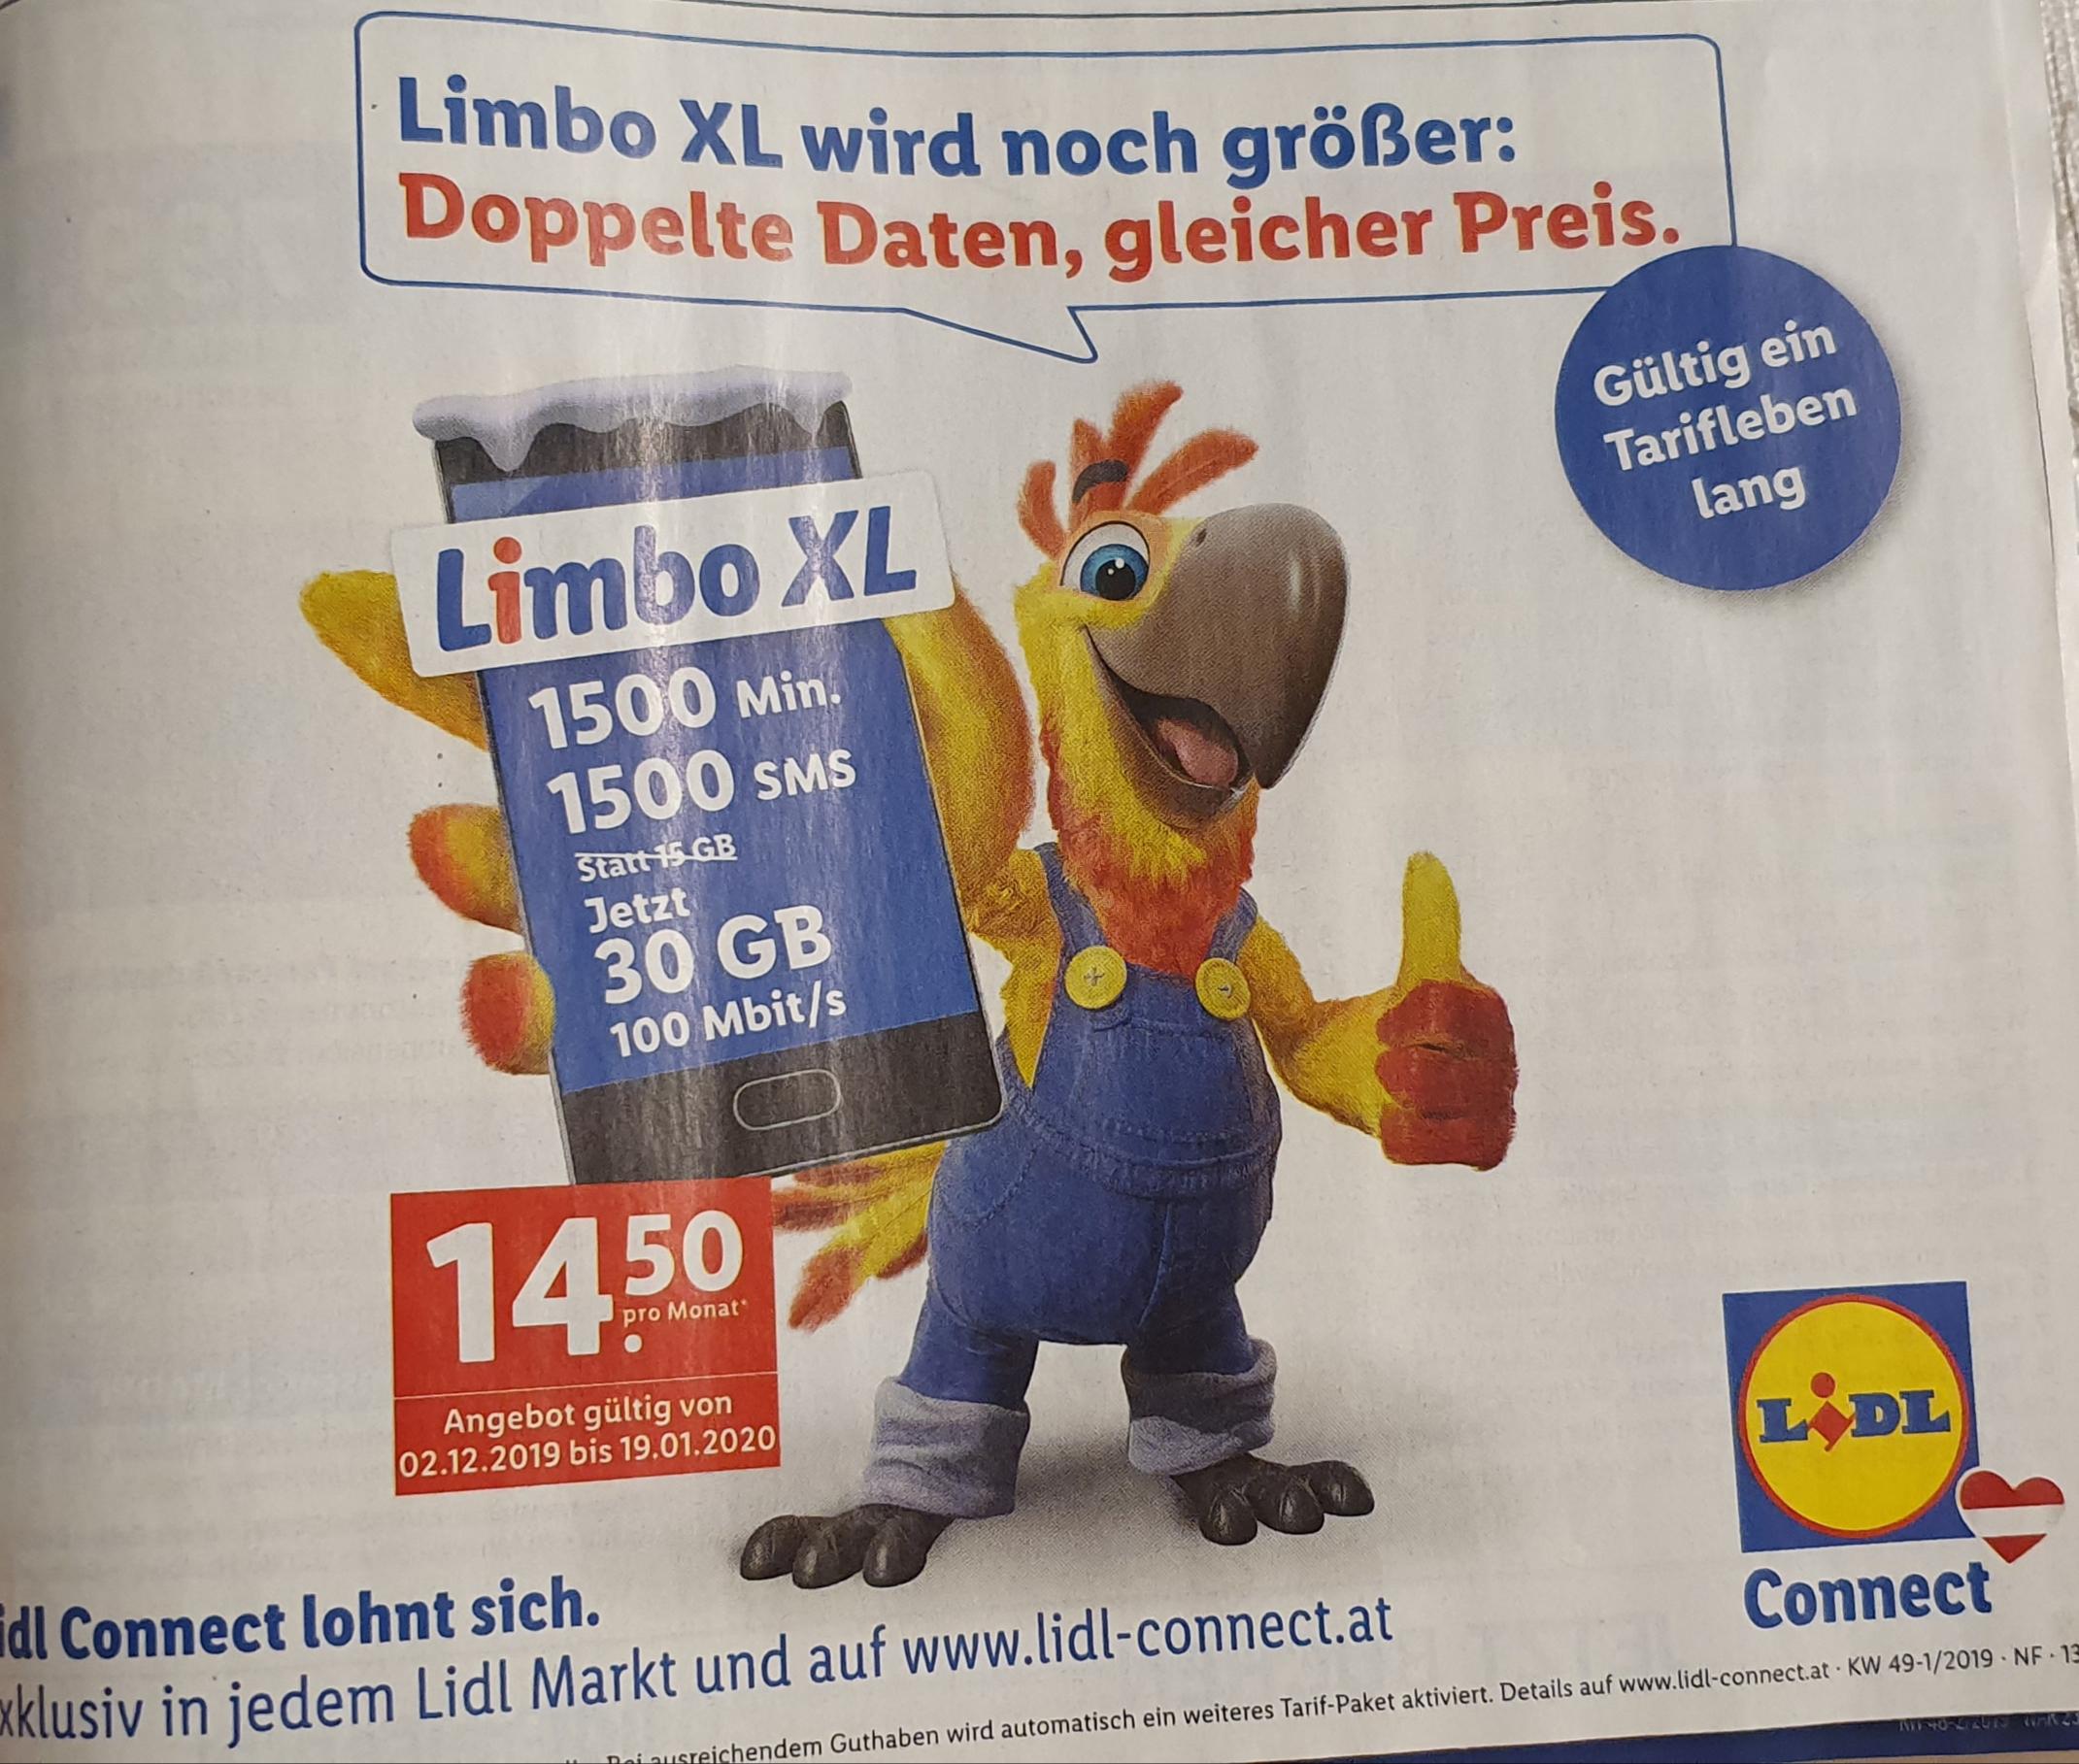 Lidl Limbo XL, doppelte Daten, gleicher Preis